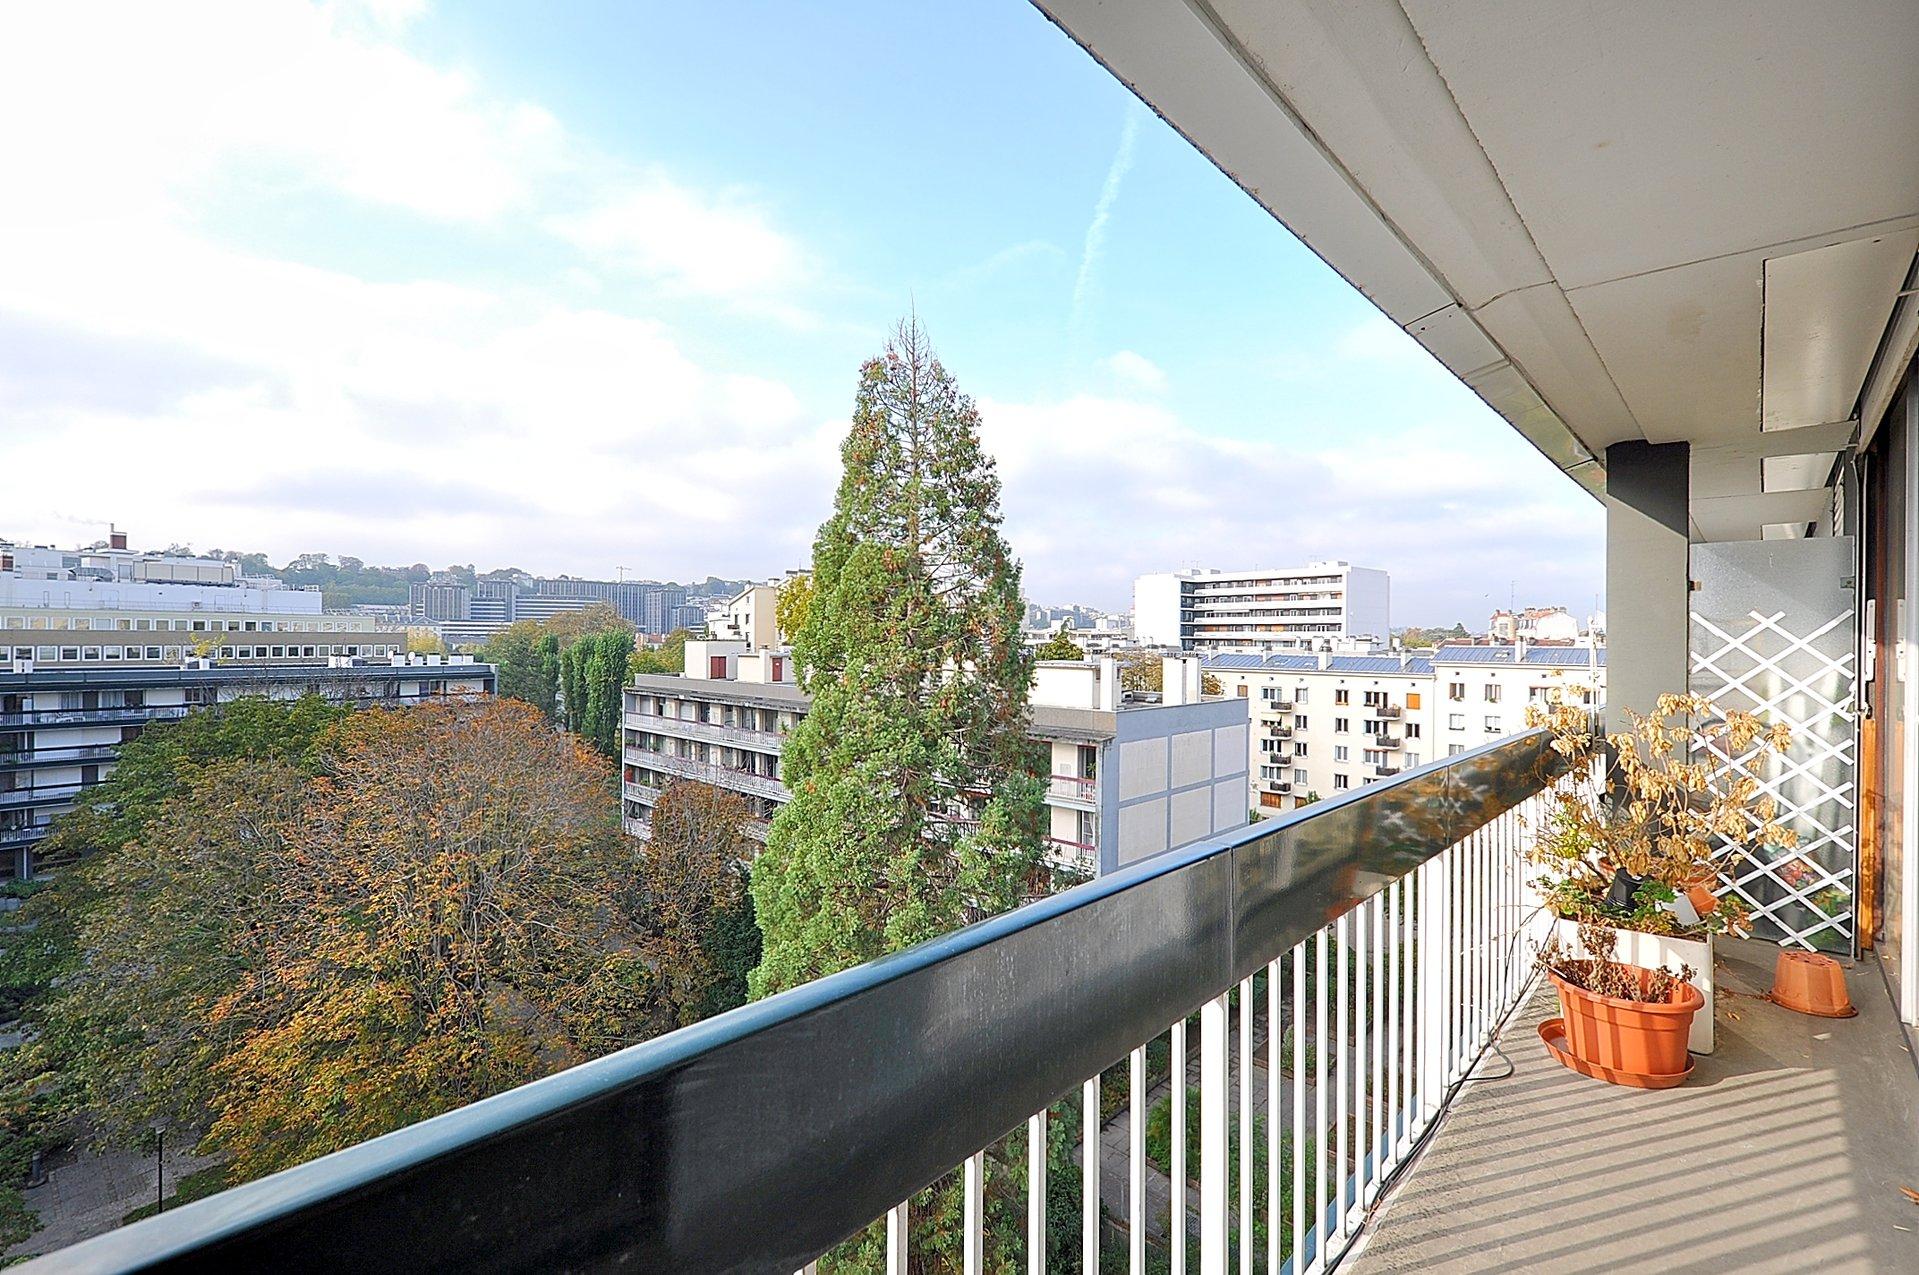 3/4 p ascenseur dernier étage balcon terrasse parking